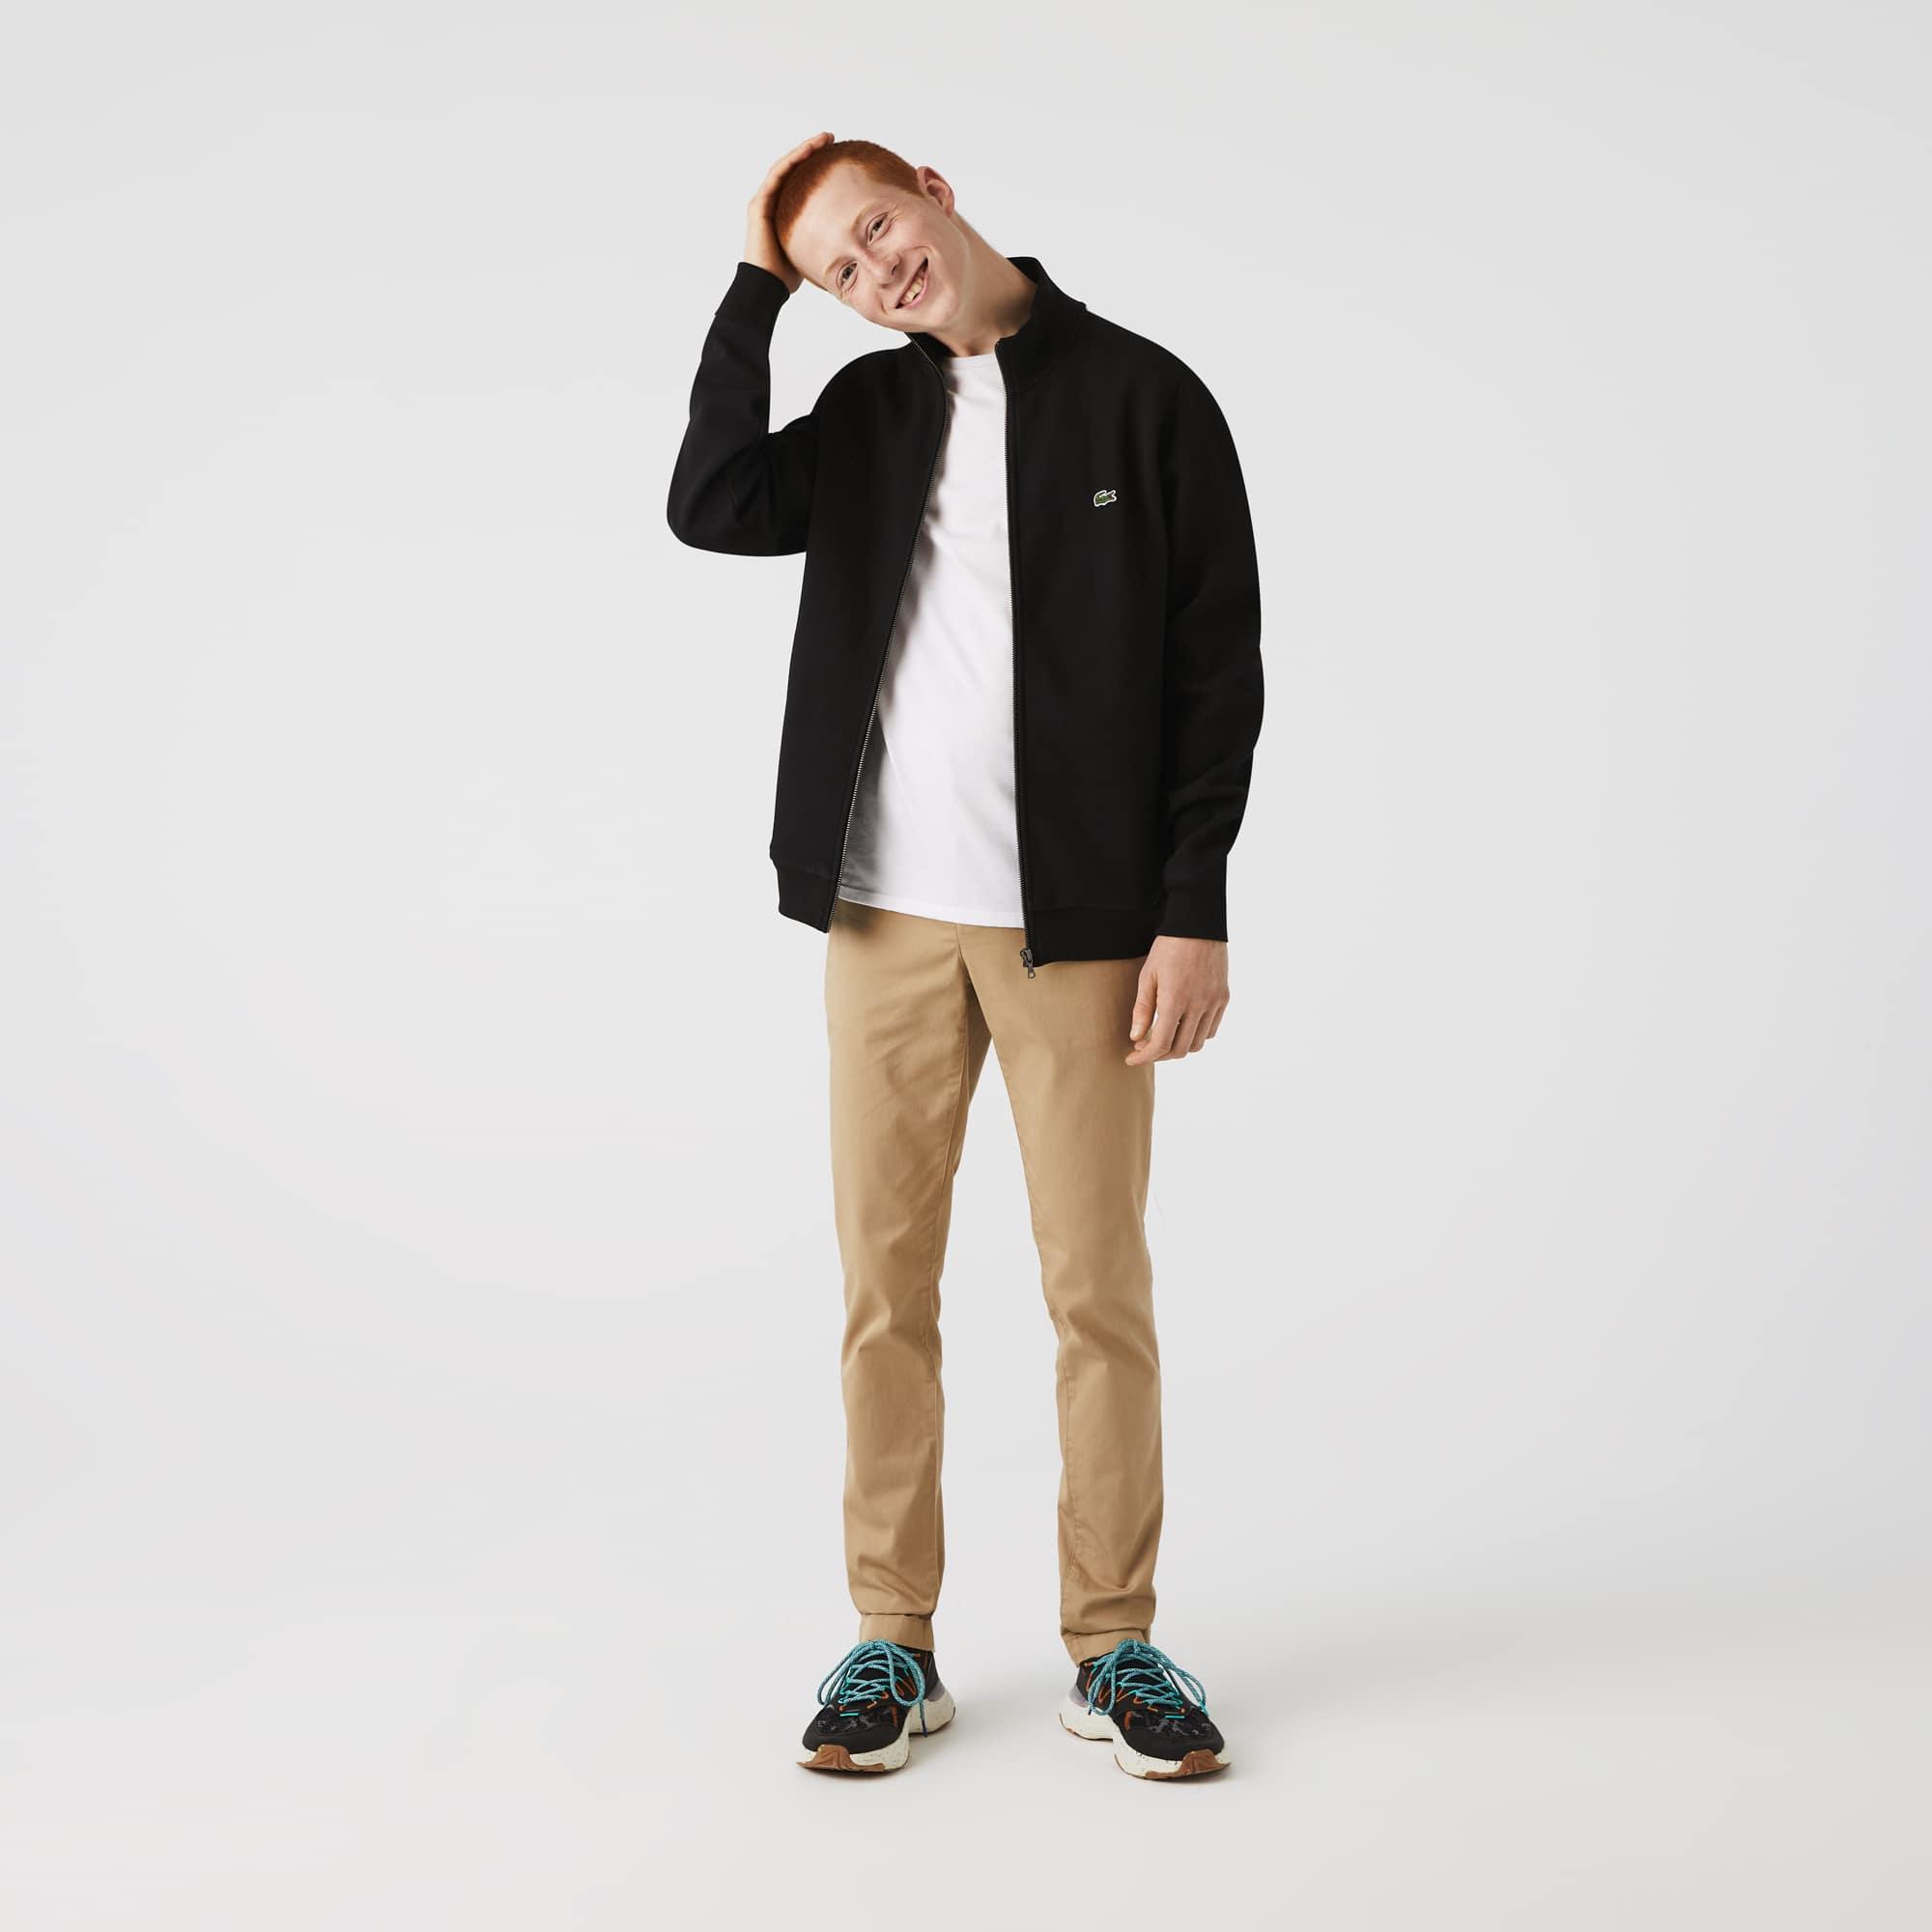 라코스테 맨 플리스 자켓 Lacoste Mens Zippered Stand-Up Collar Pique Fleece Jacket